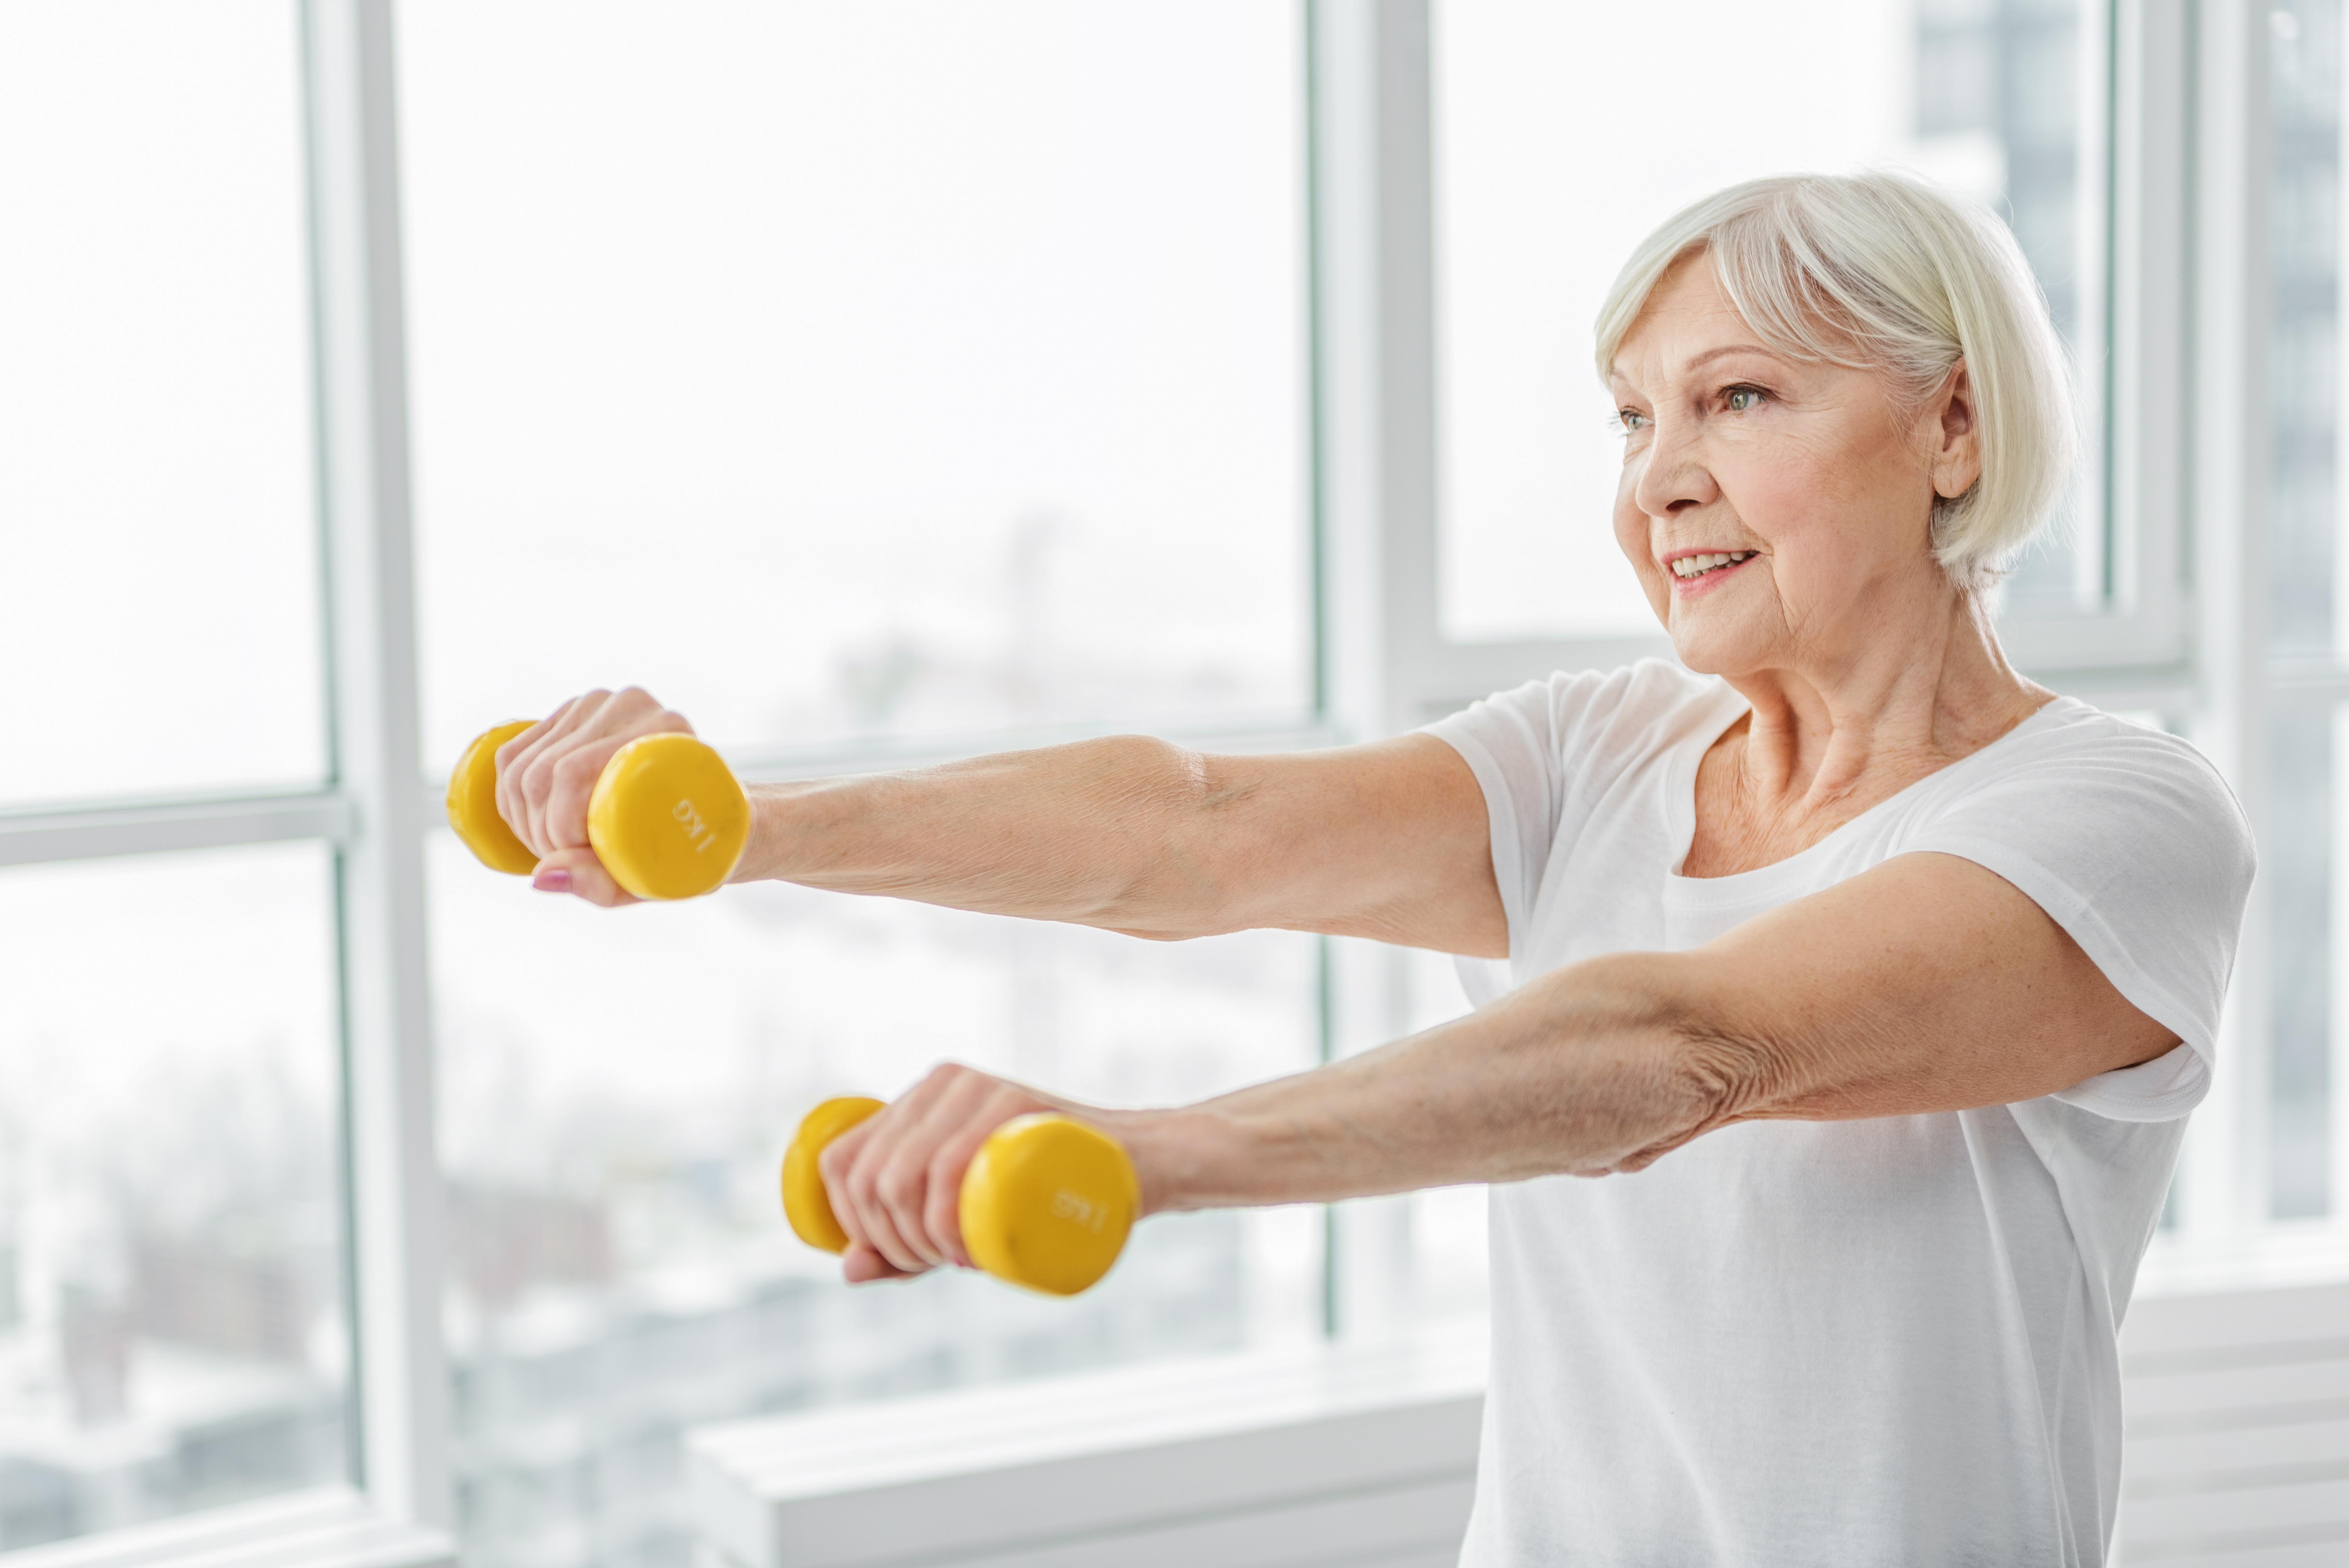 Ansträngningsinkontinens är vanligast hos kvinnor och innebär att man läcker urin när man hostar, skrattar, nyser eller motionerar.